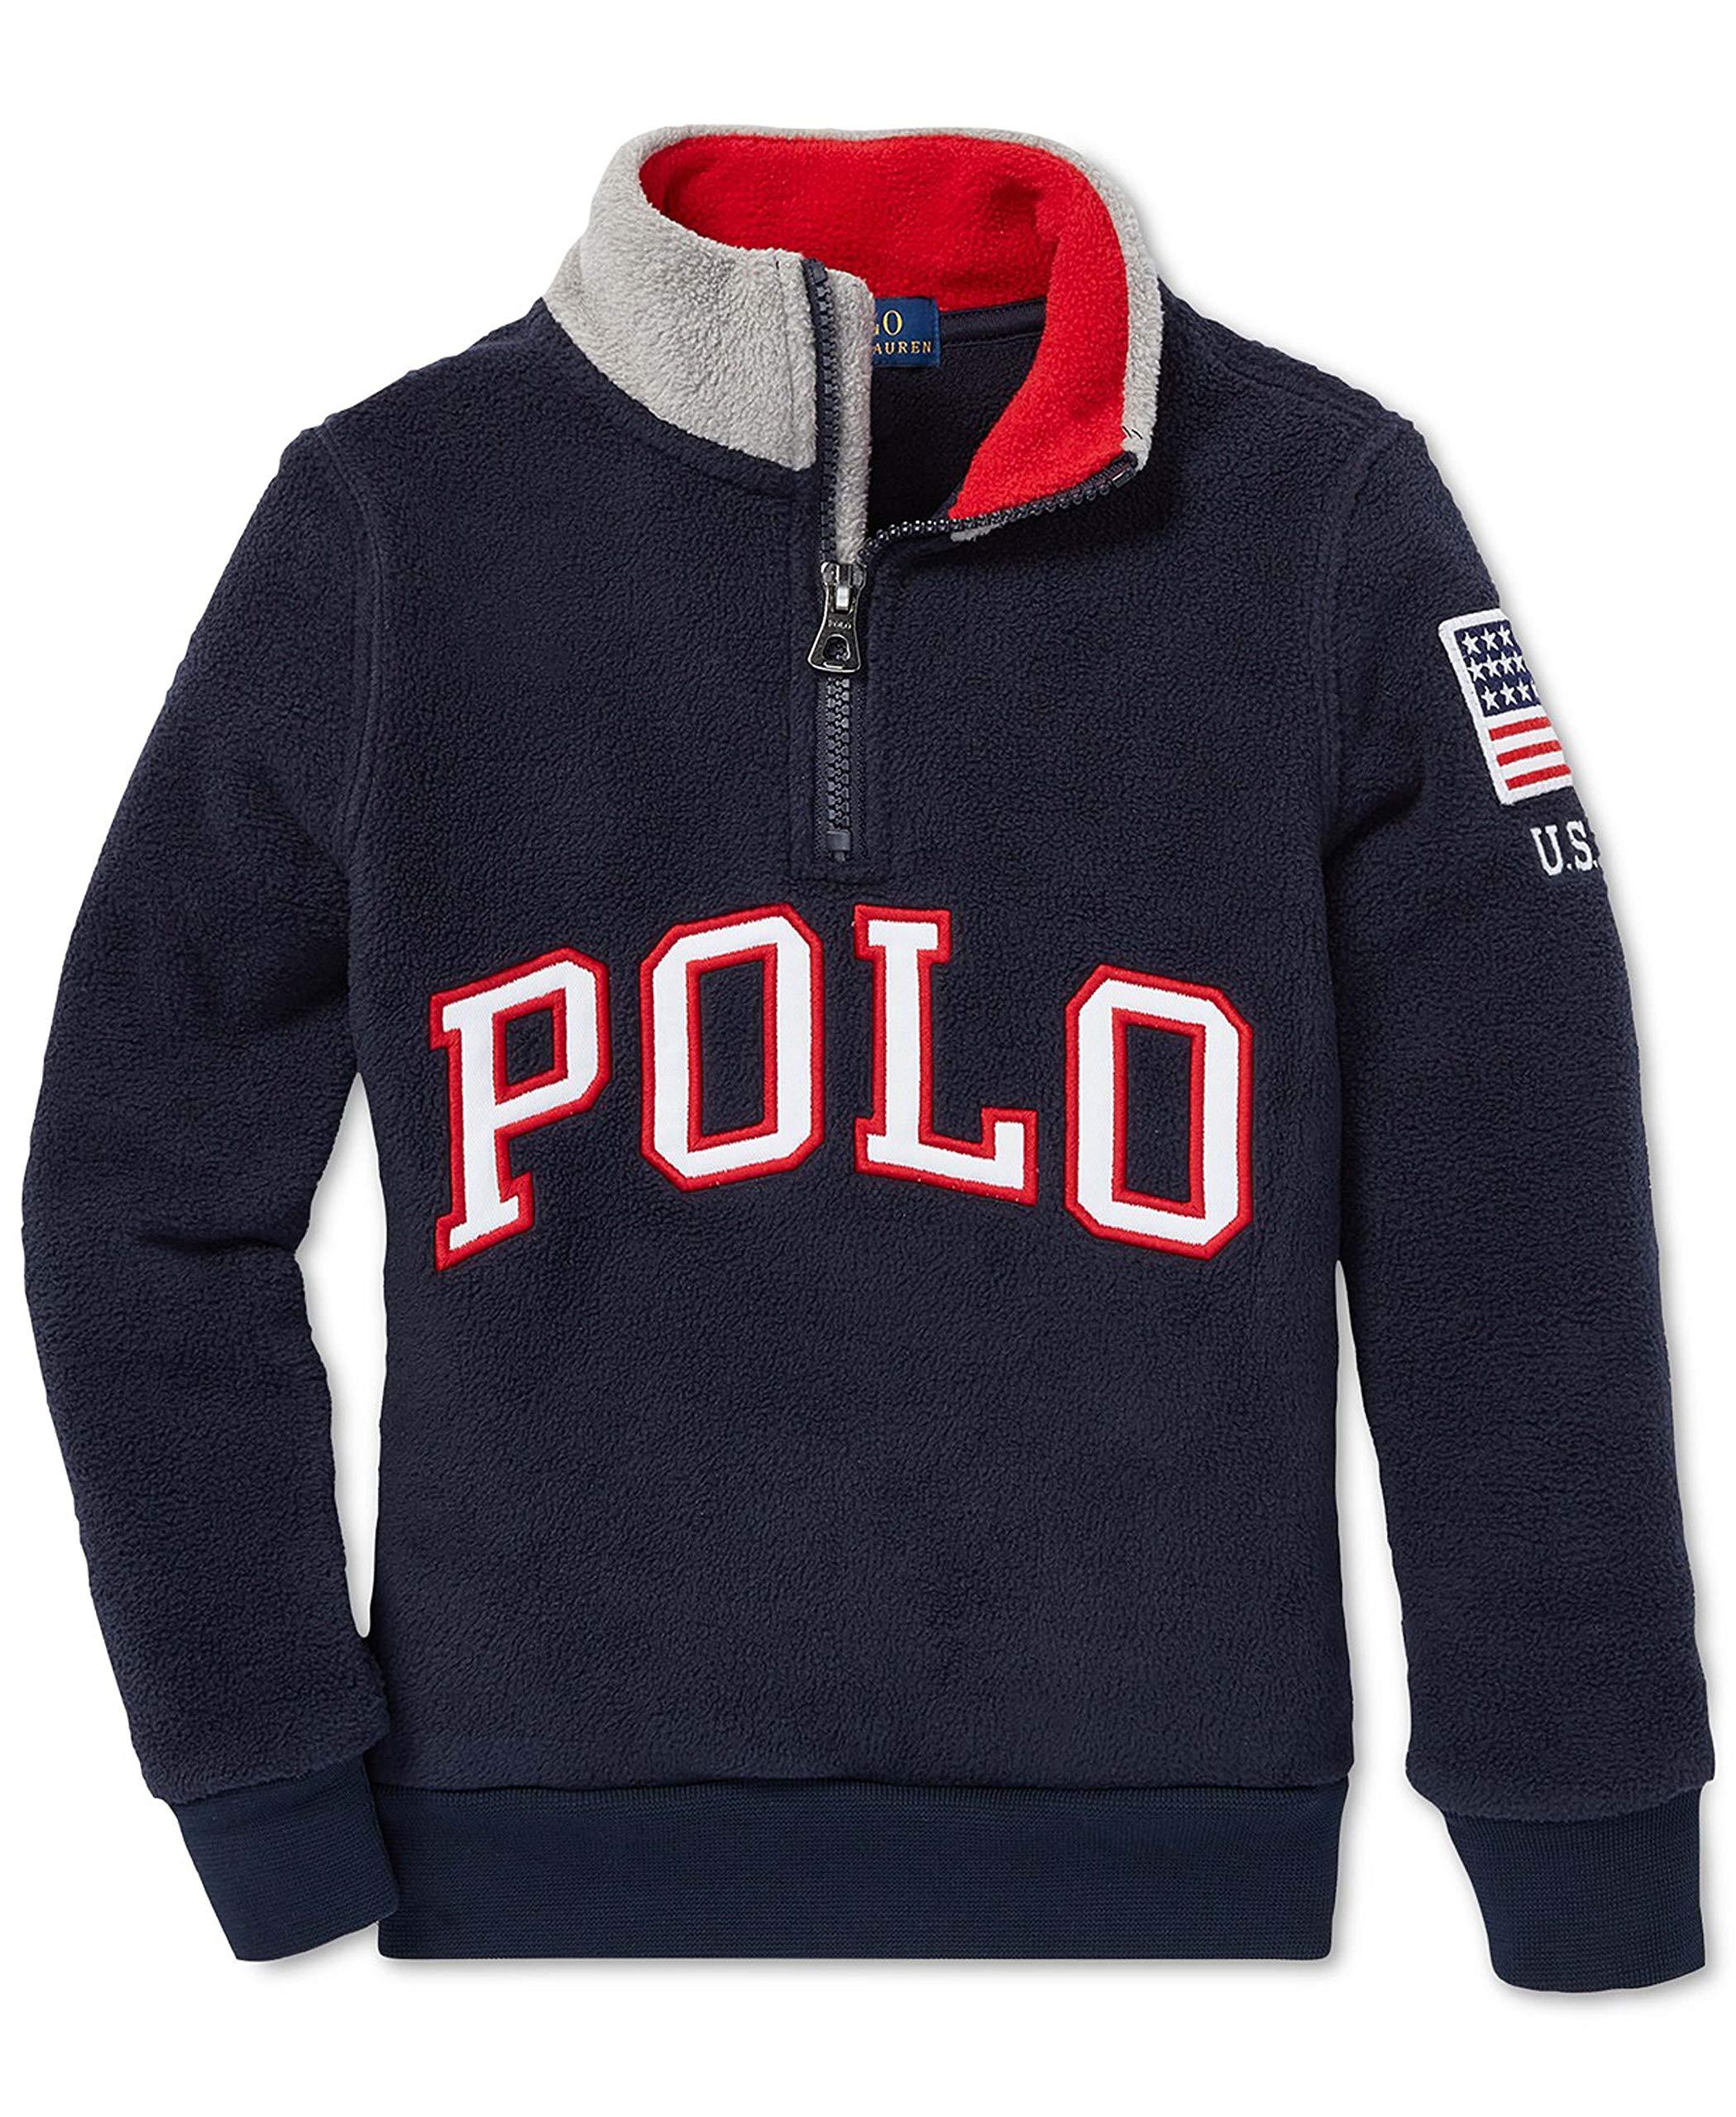 Ralph Lauren Little Boy's Fleece Pullover Sweater (4/4T)